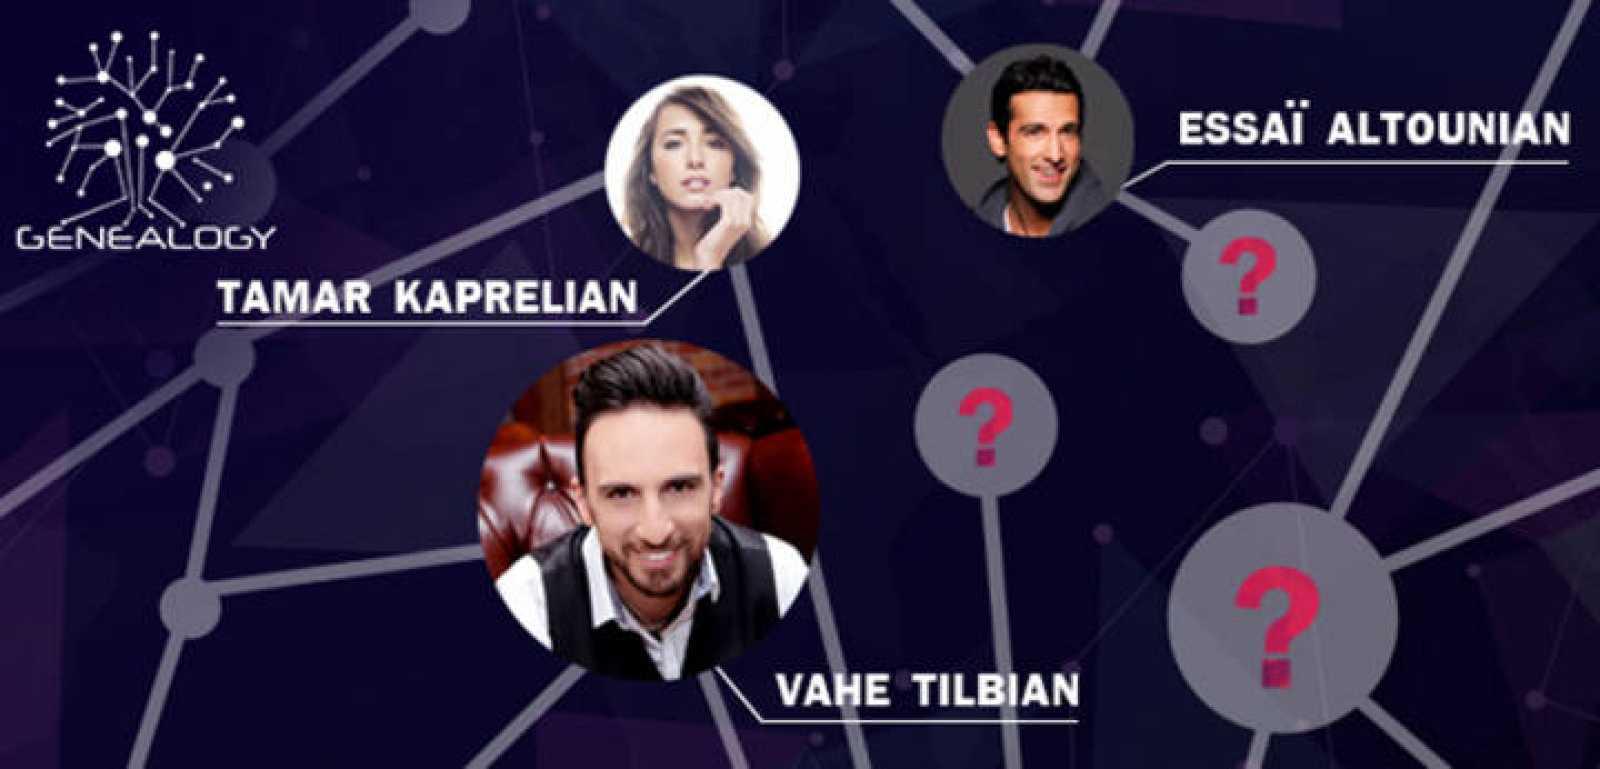 Armenia ha elegido a tres de los artistas de Genealogy